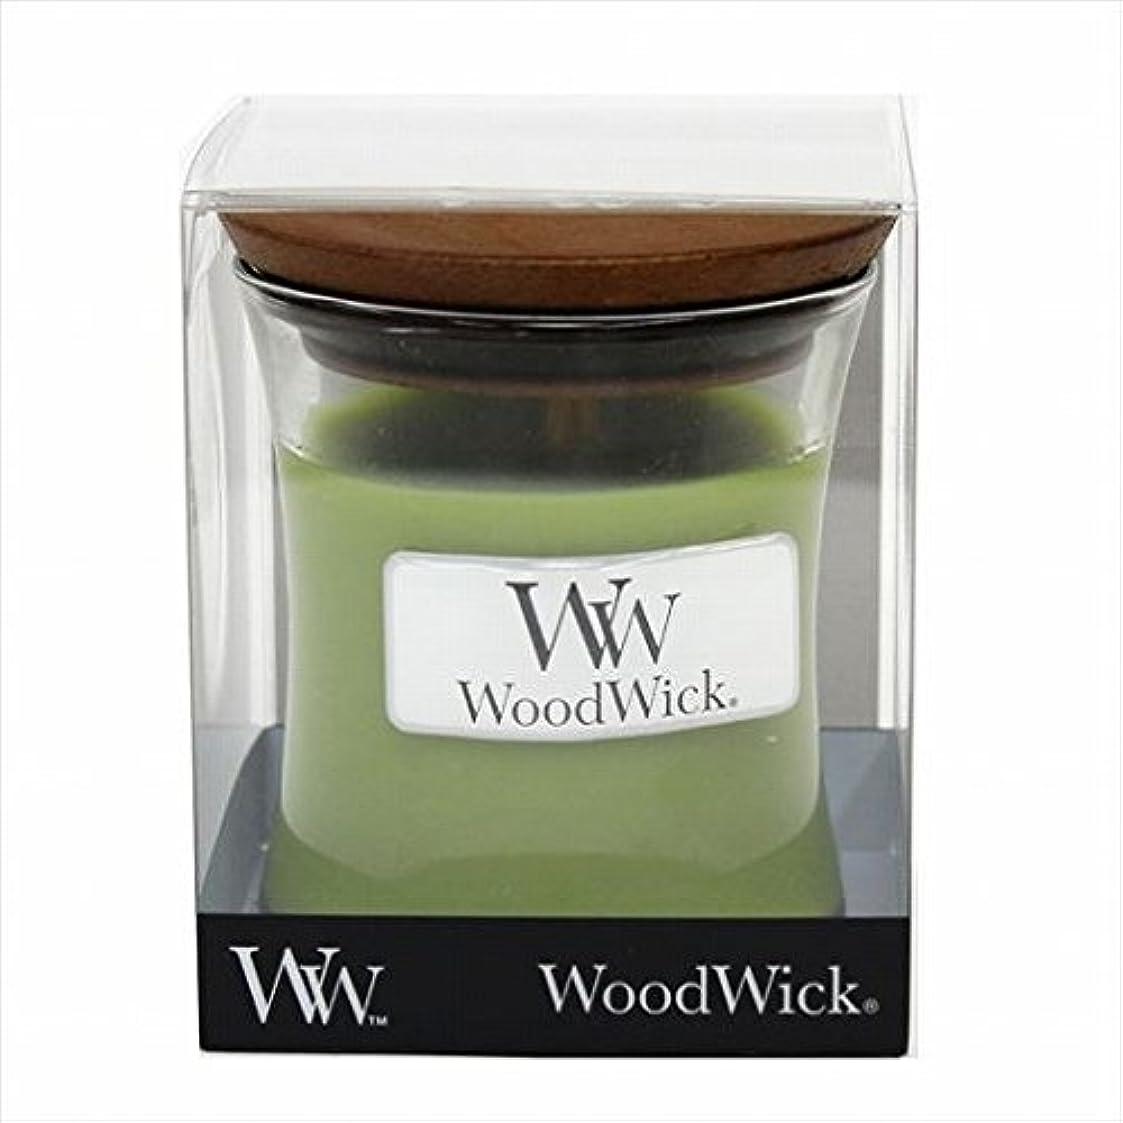 ハウジングおなじみのデッキカメヤマキャンドル( kameyama candle ) Wood Wick ジャーS 「 トランクィリティ 」